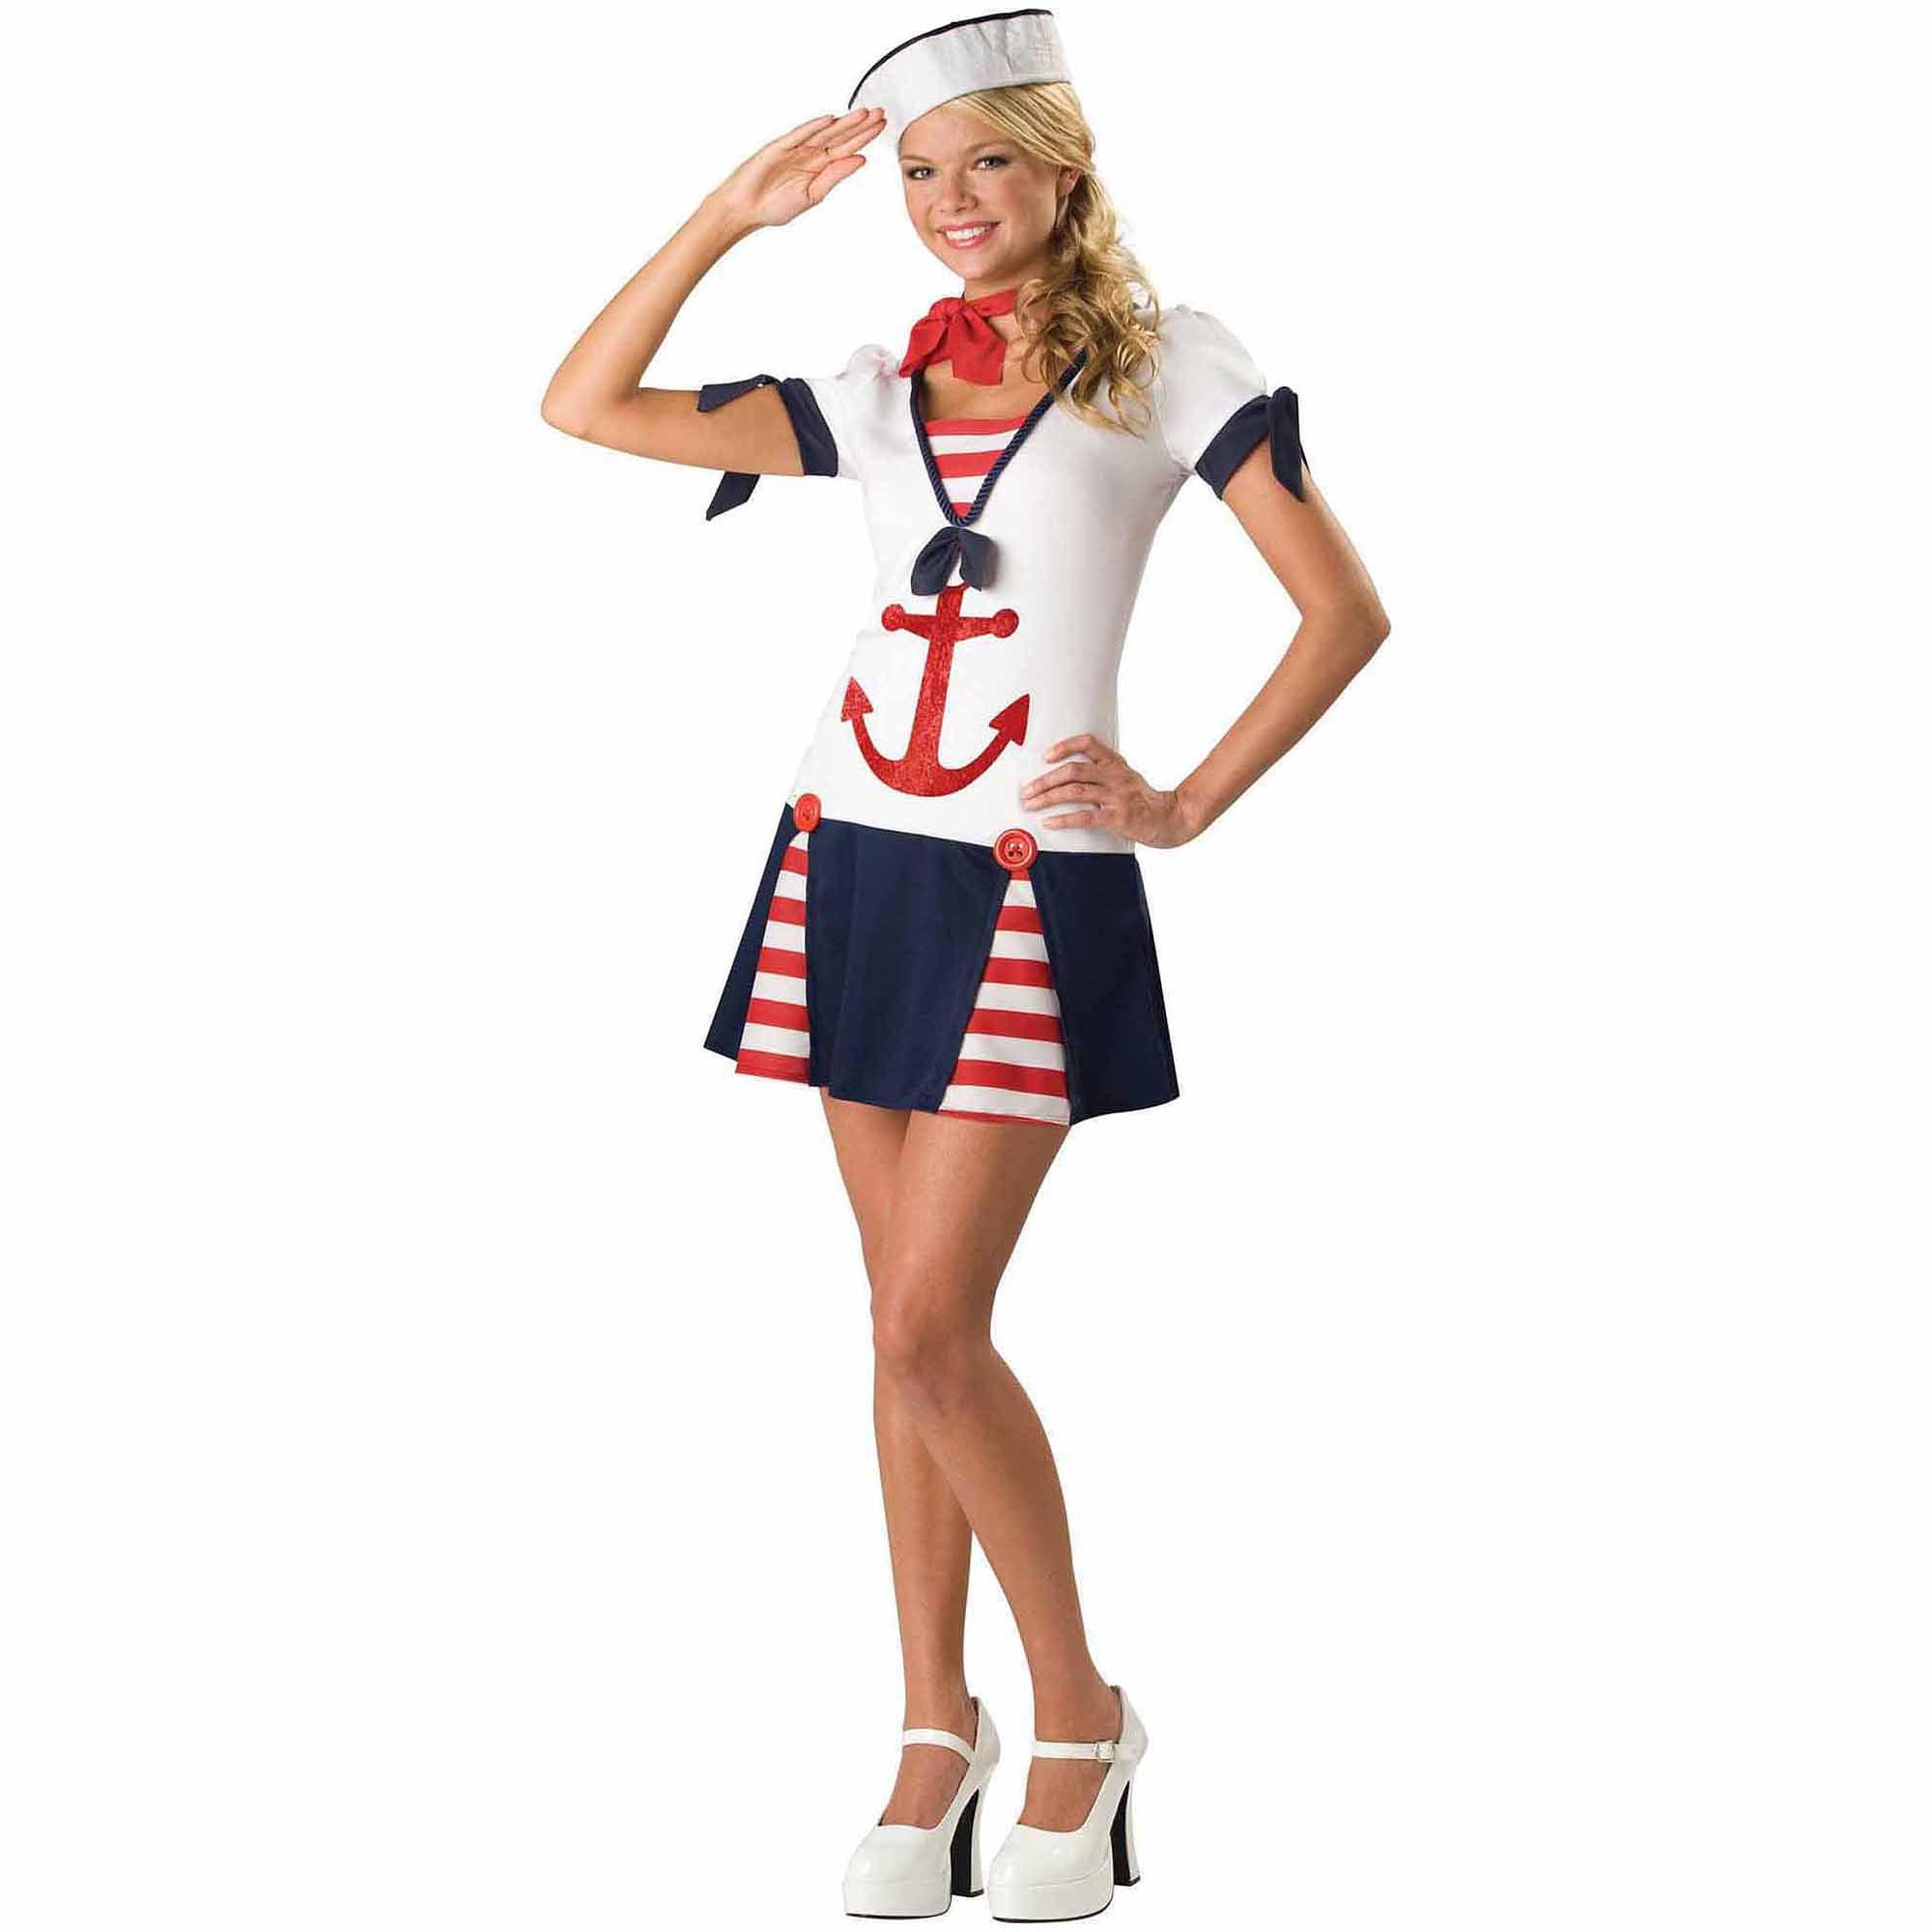 teen-sailor-girl-pics